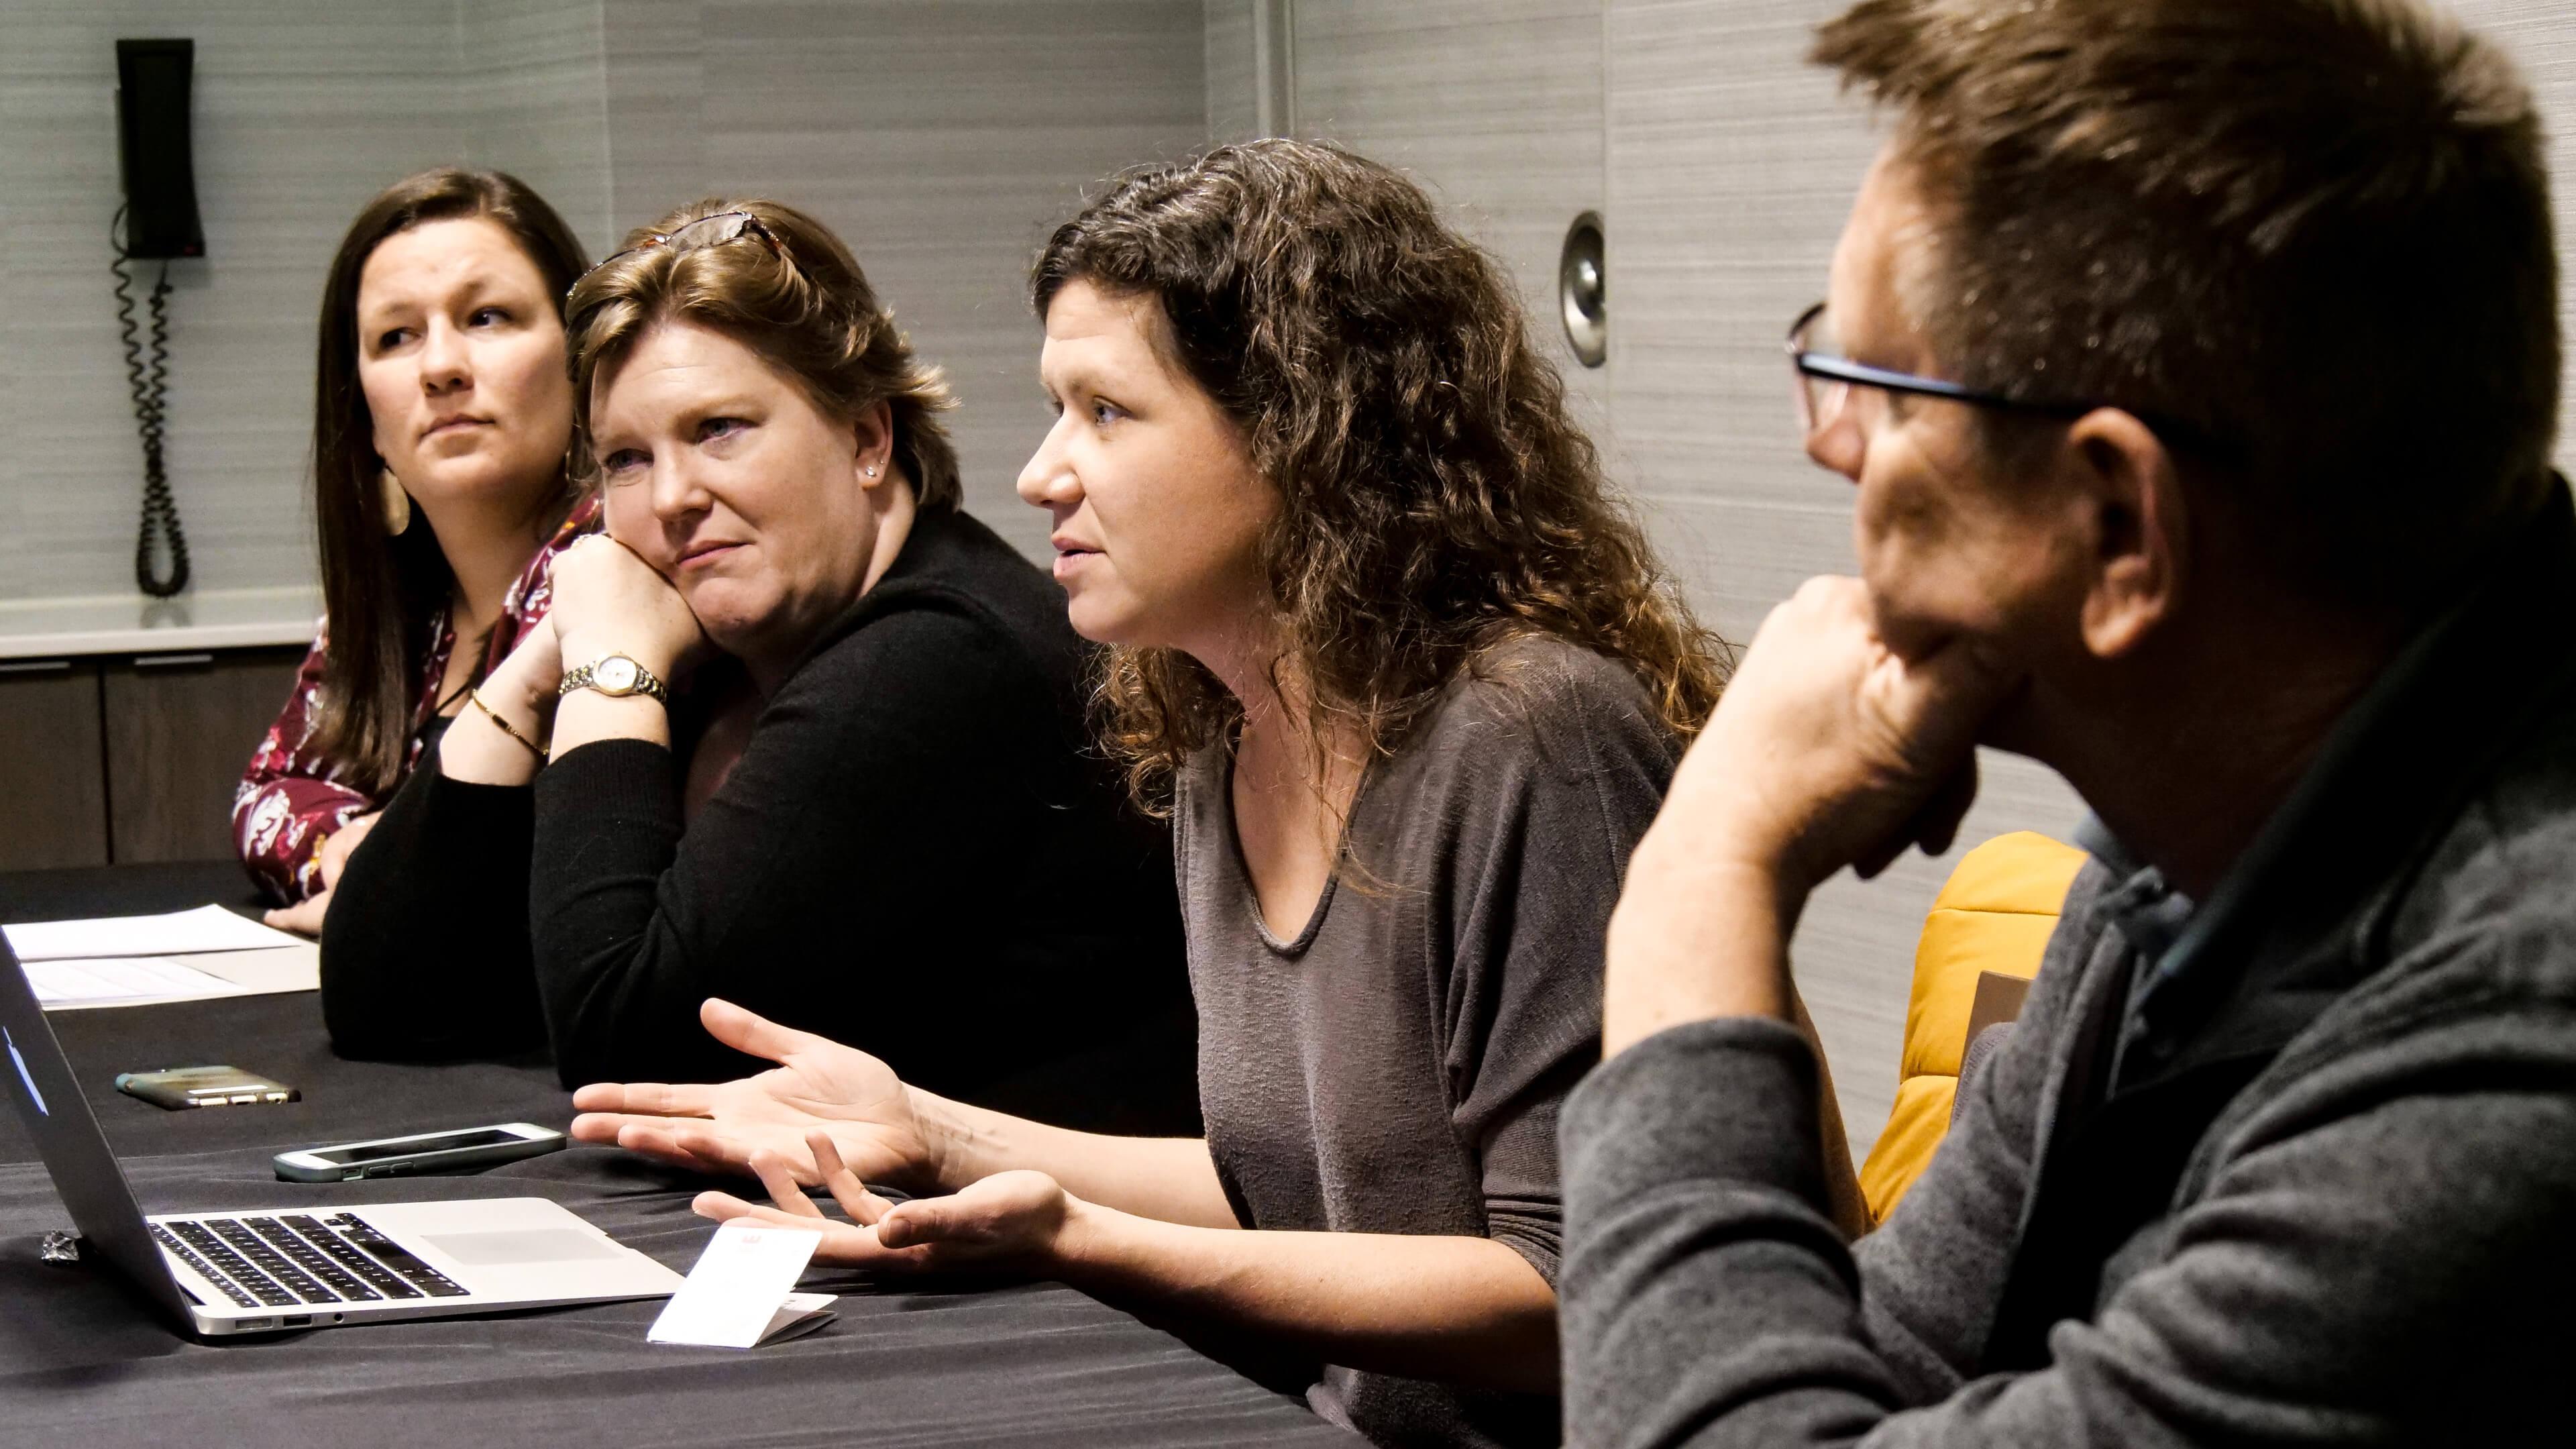 IN STEP: Women of DCI committee looks ahead